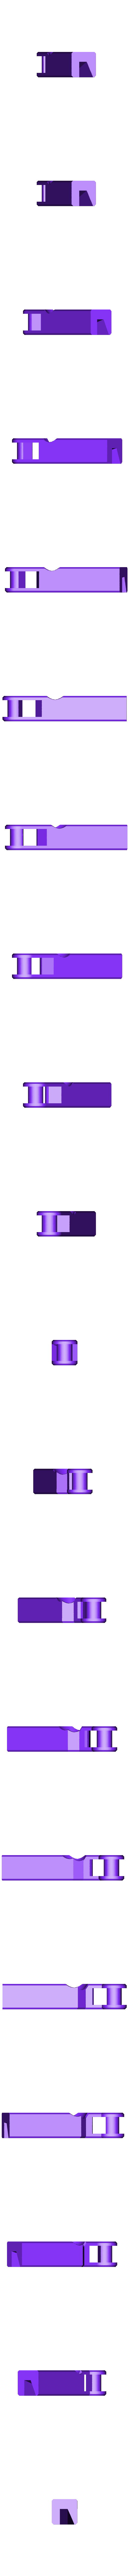 joystick_shaft.stl Download free STL file Joystick PS4 • 3D print object, Osichan